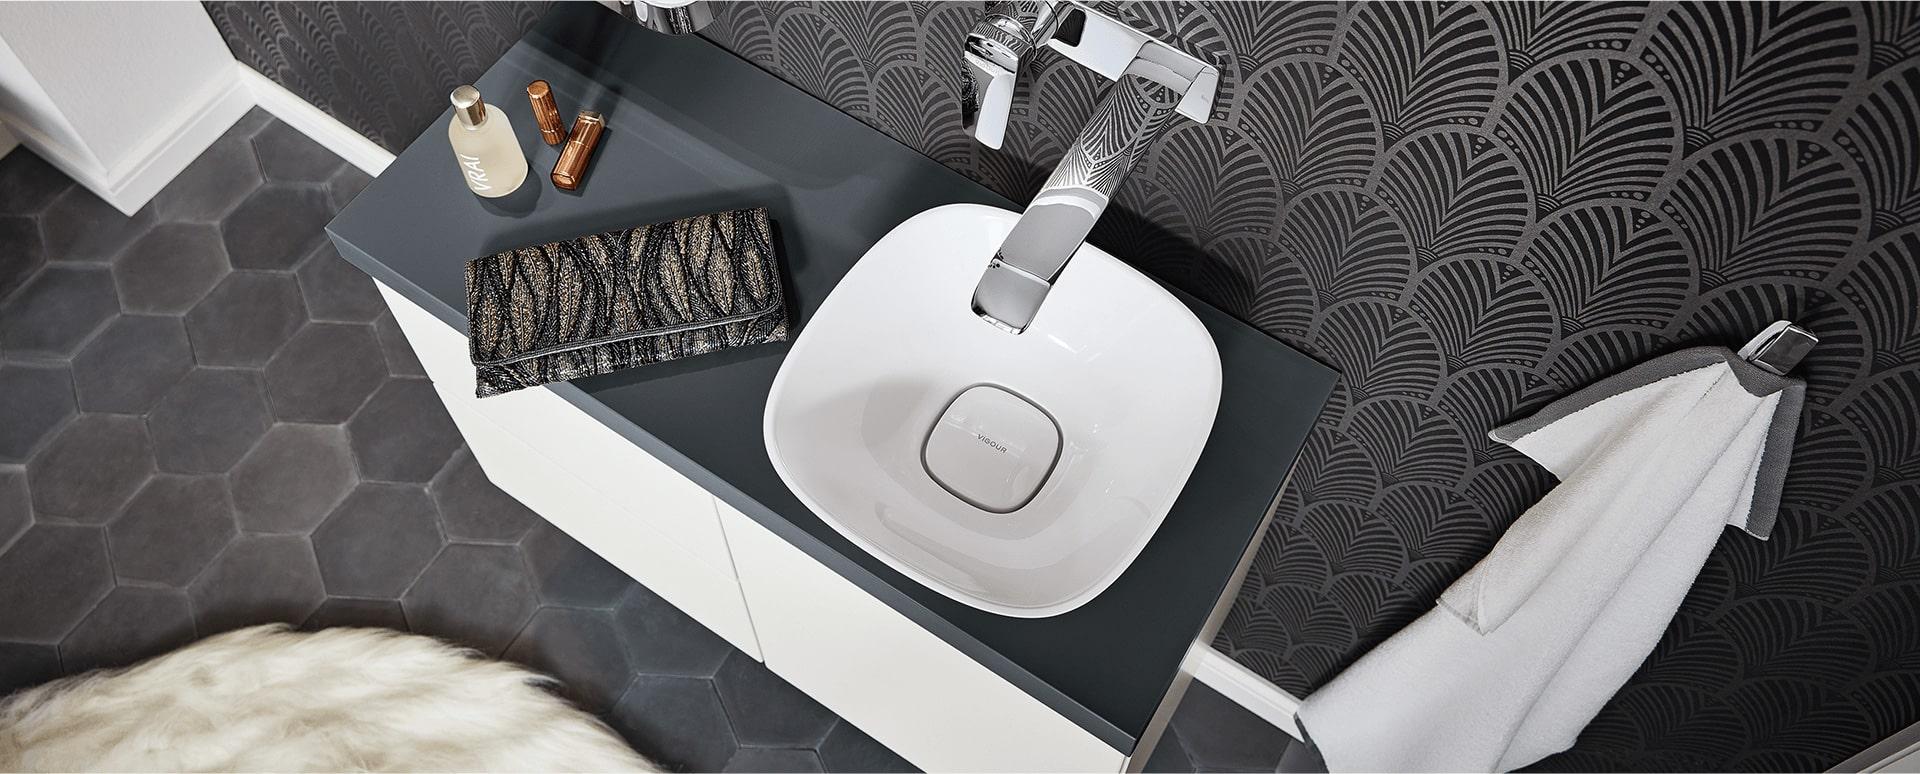 Bild: Waschtisch mit Armatur im Bad